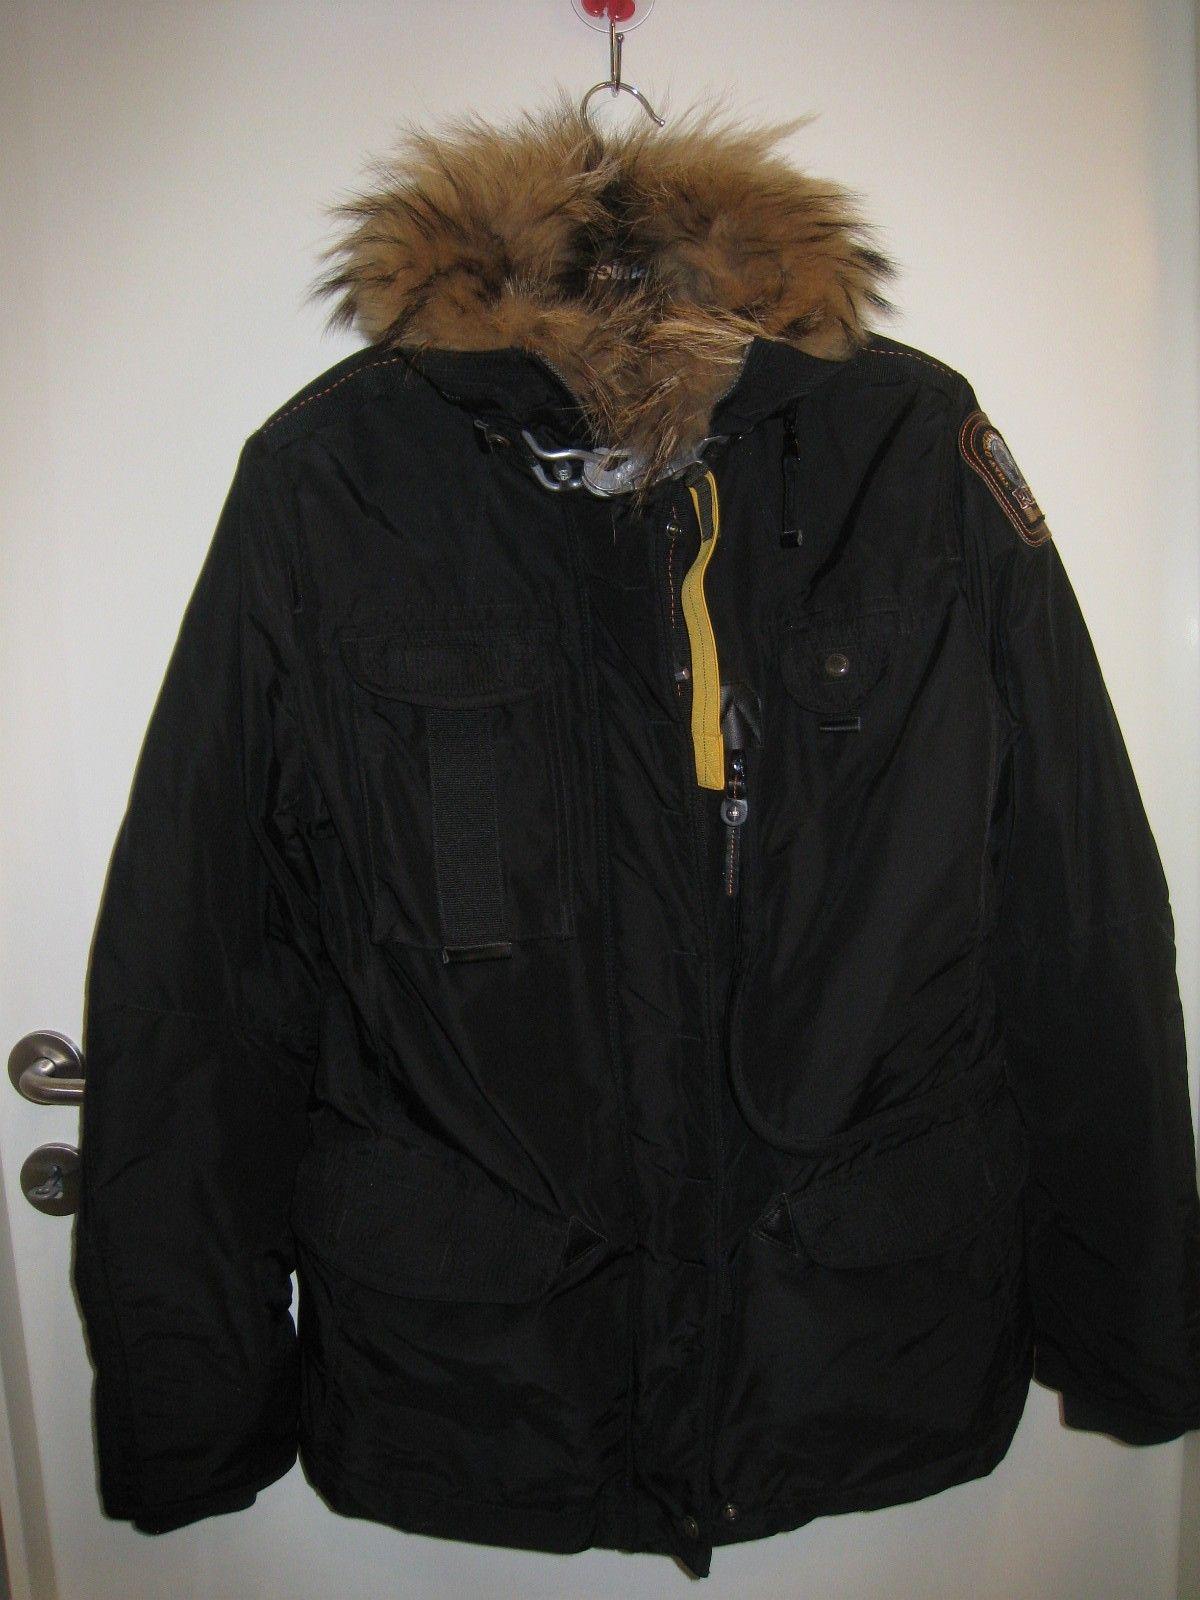 85592bbb Ekte pelsjakke kanin, Canada Goose, Para Jumpers, DC skijakke ...